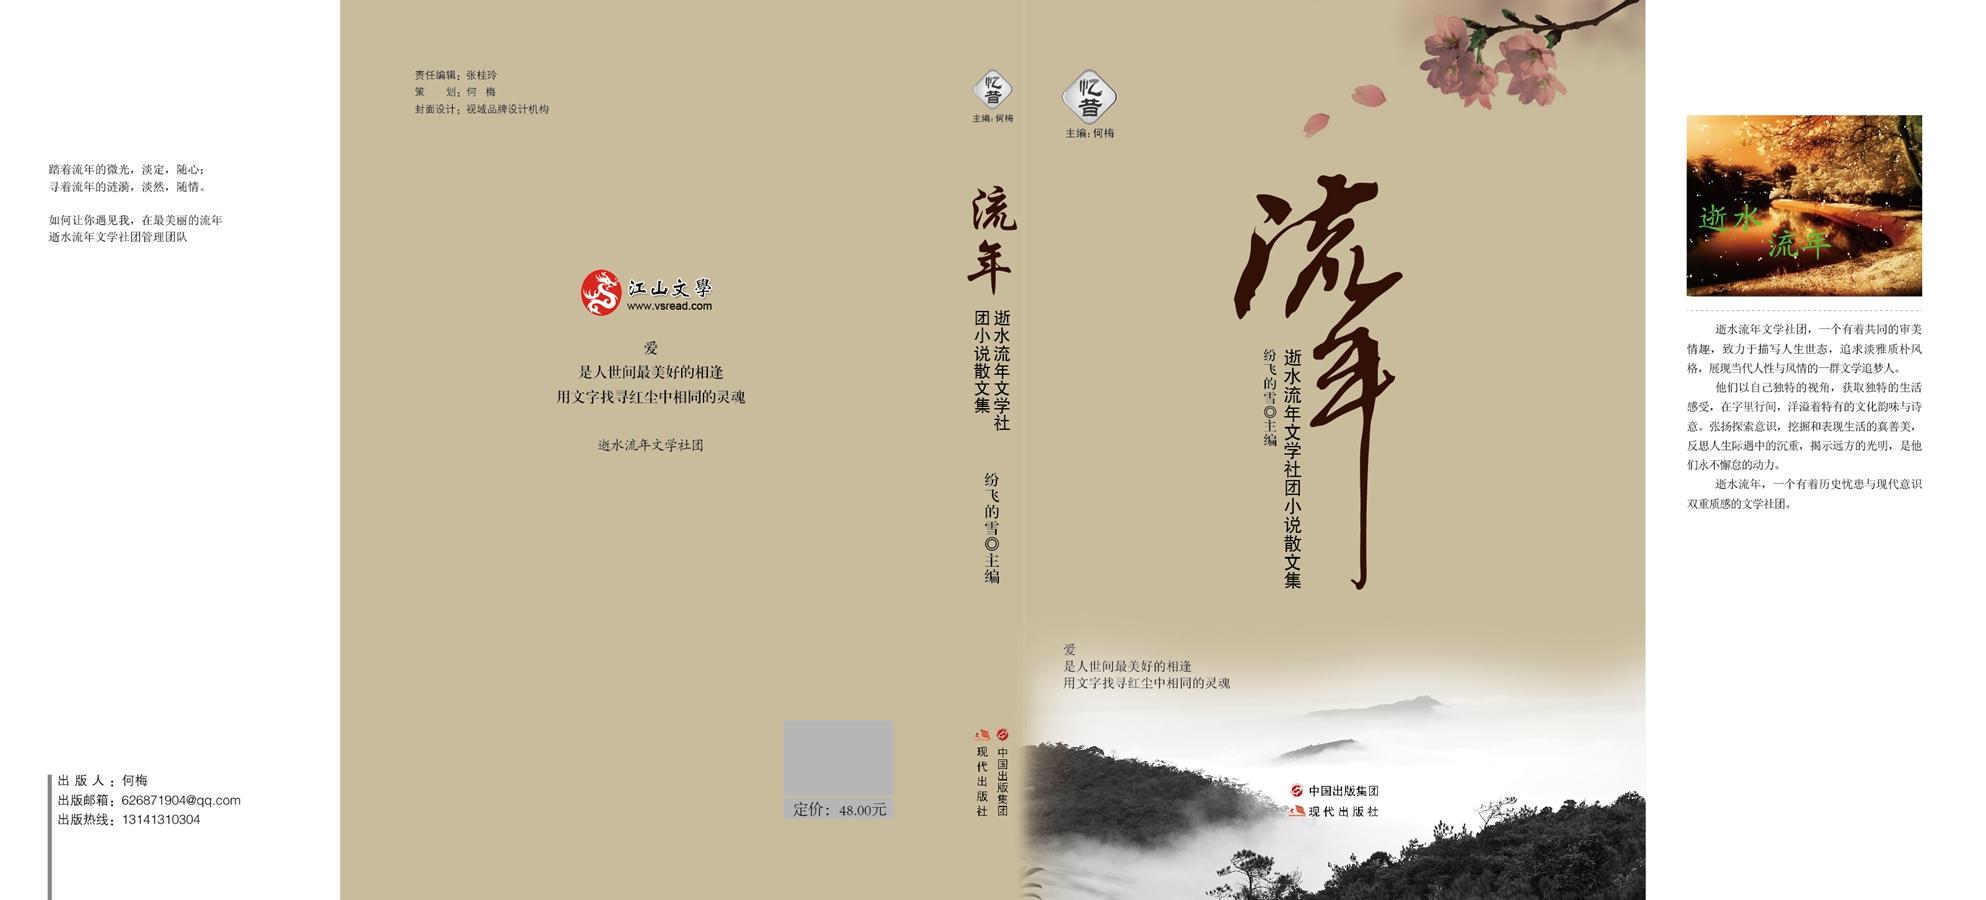 鲁迅小说封面设计图展示